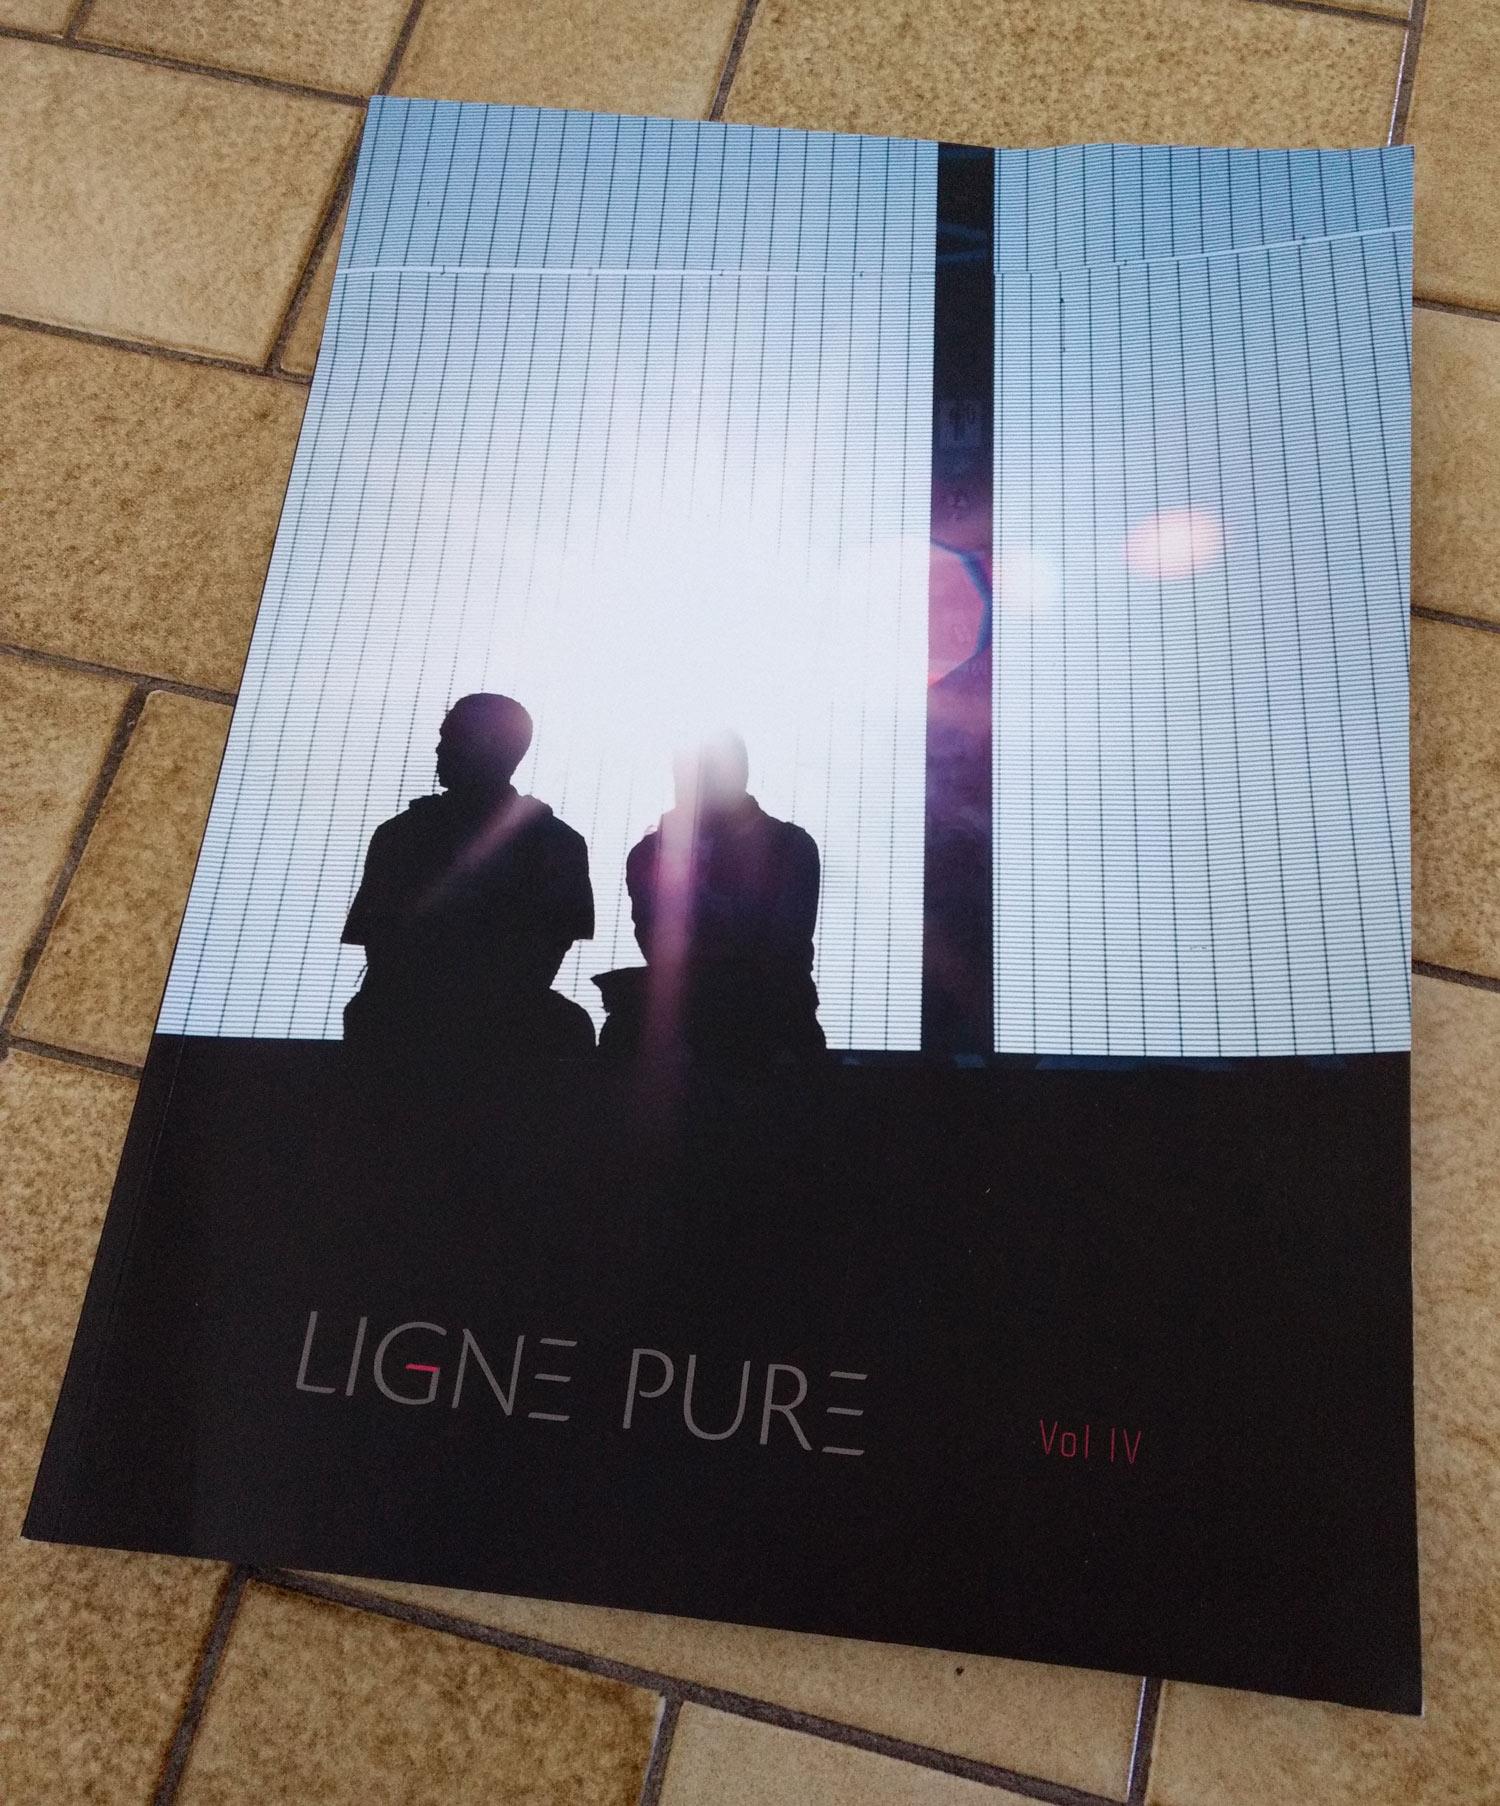 LignePure-Cataloog.jpg